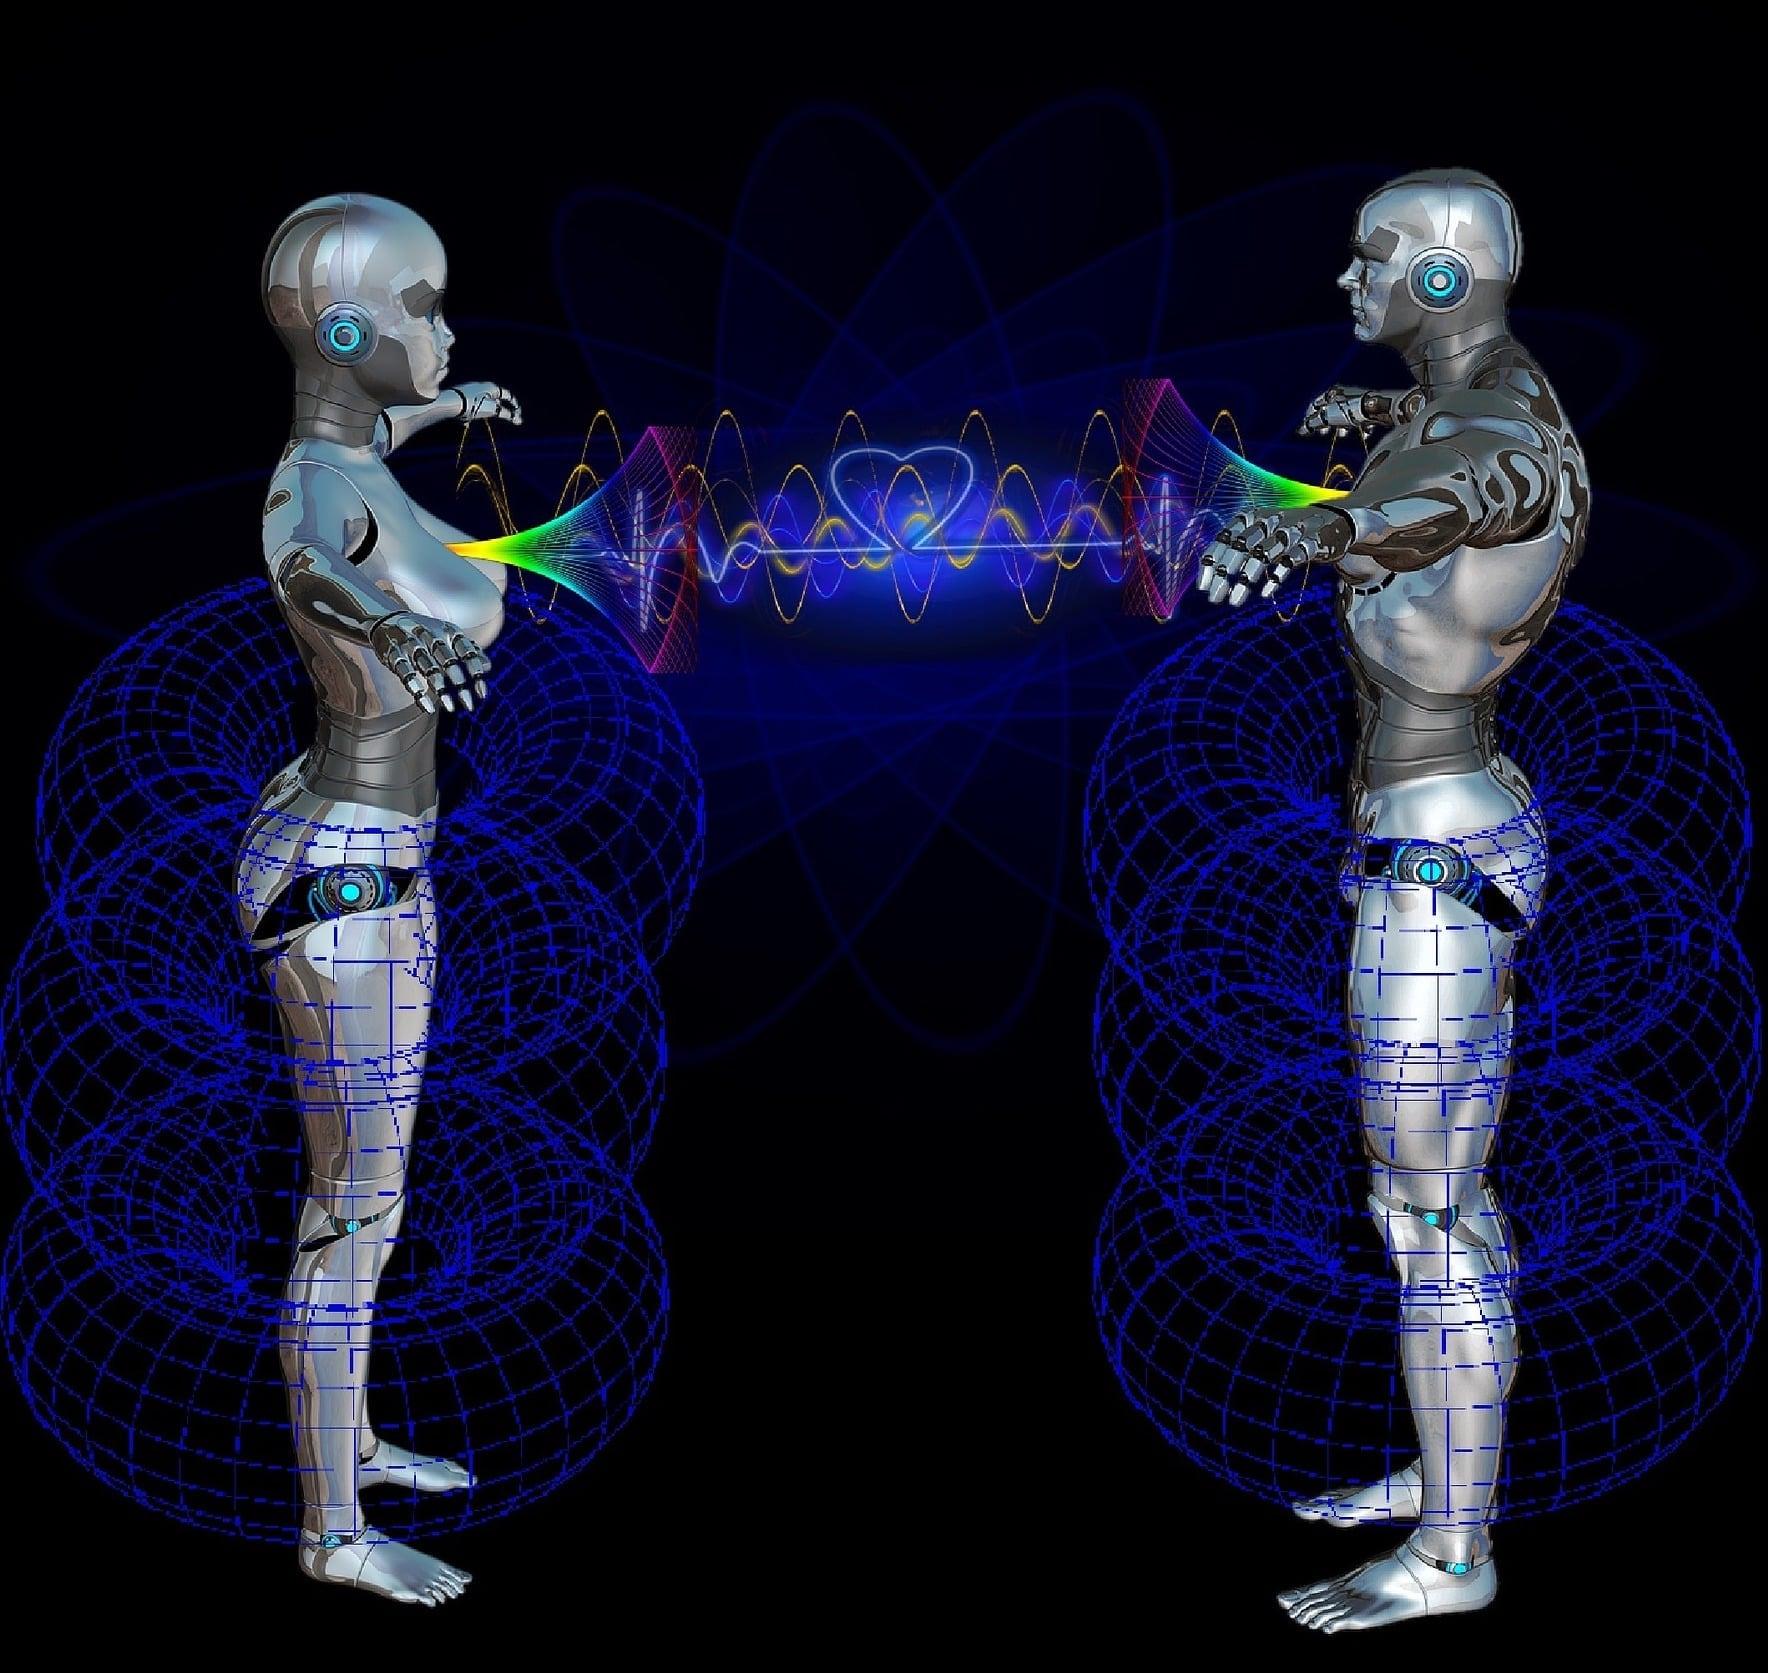 量子場観察術講座のイメージその3